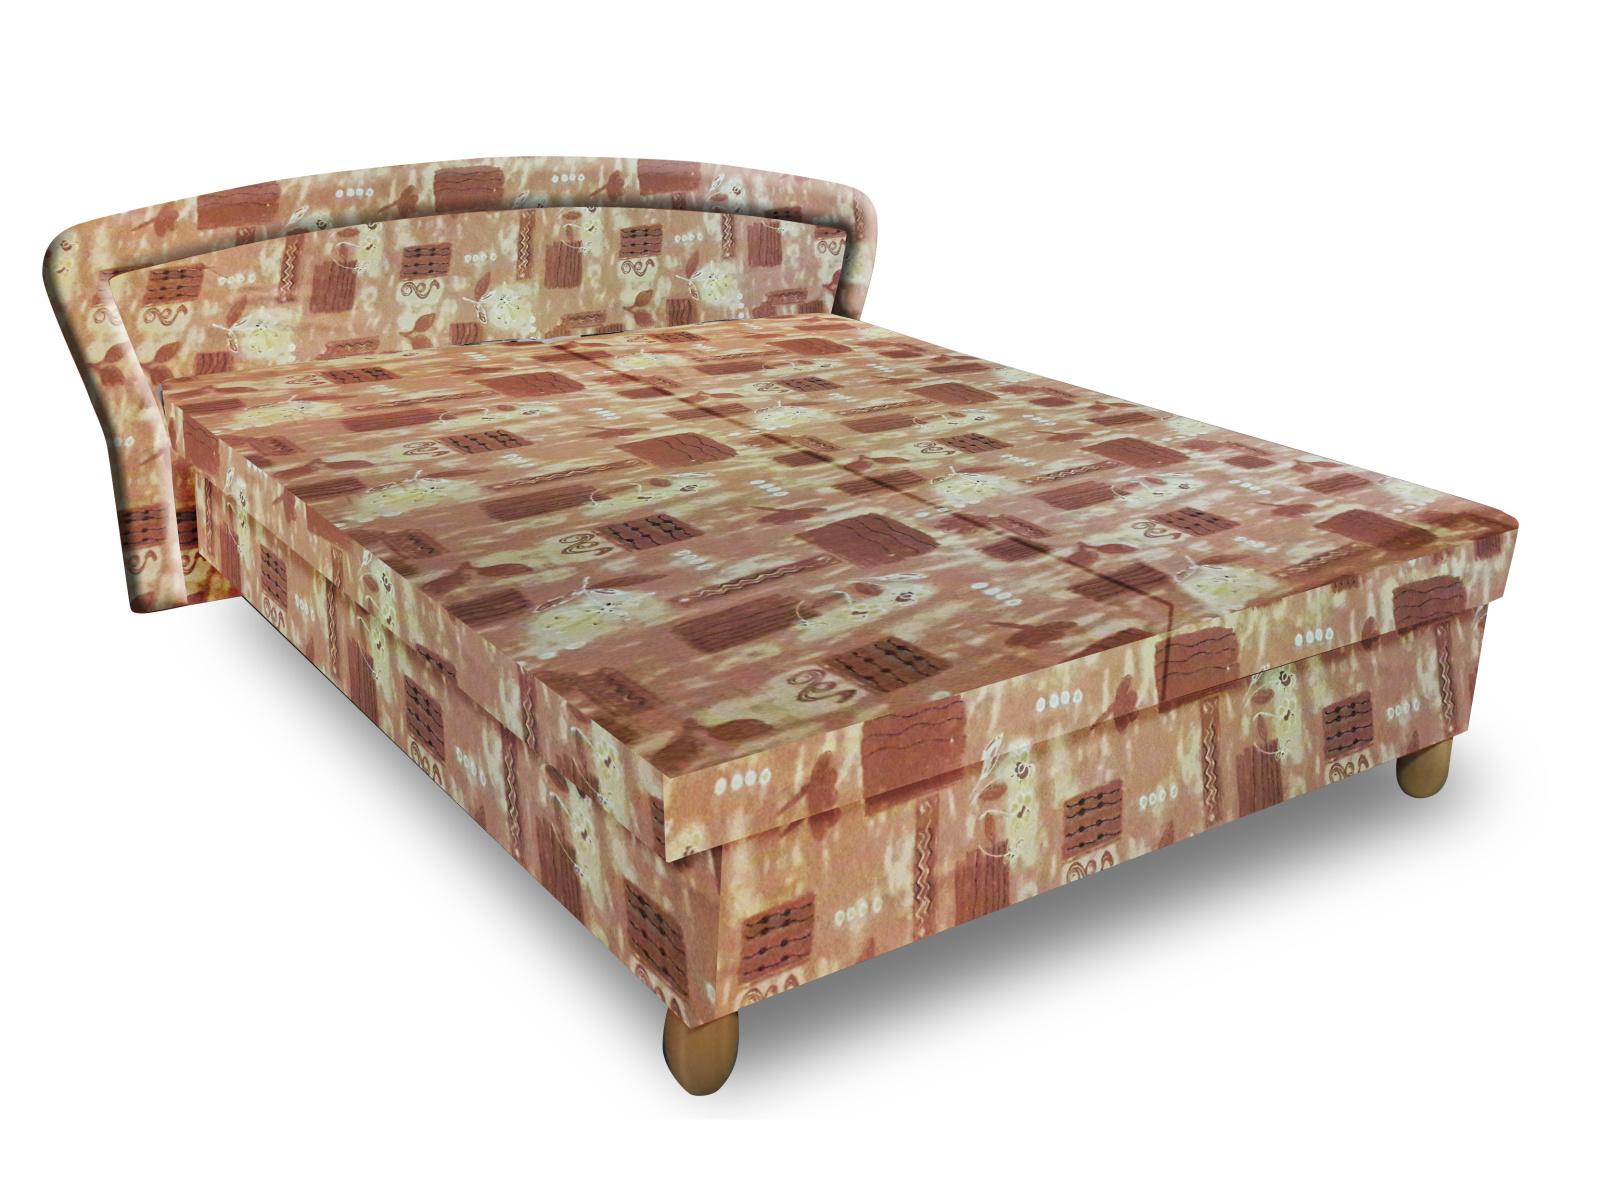 Smartshop Čalouněná postel PAVLA 160x195 cm, hnědá látka